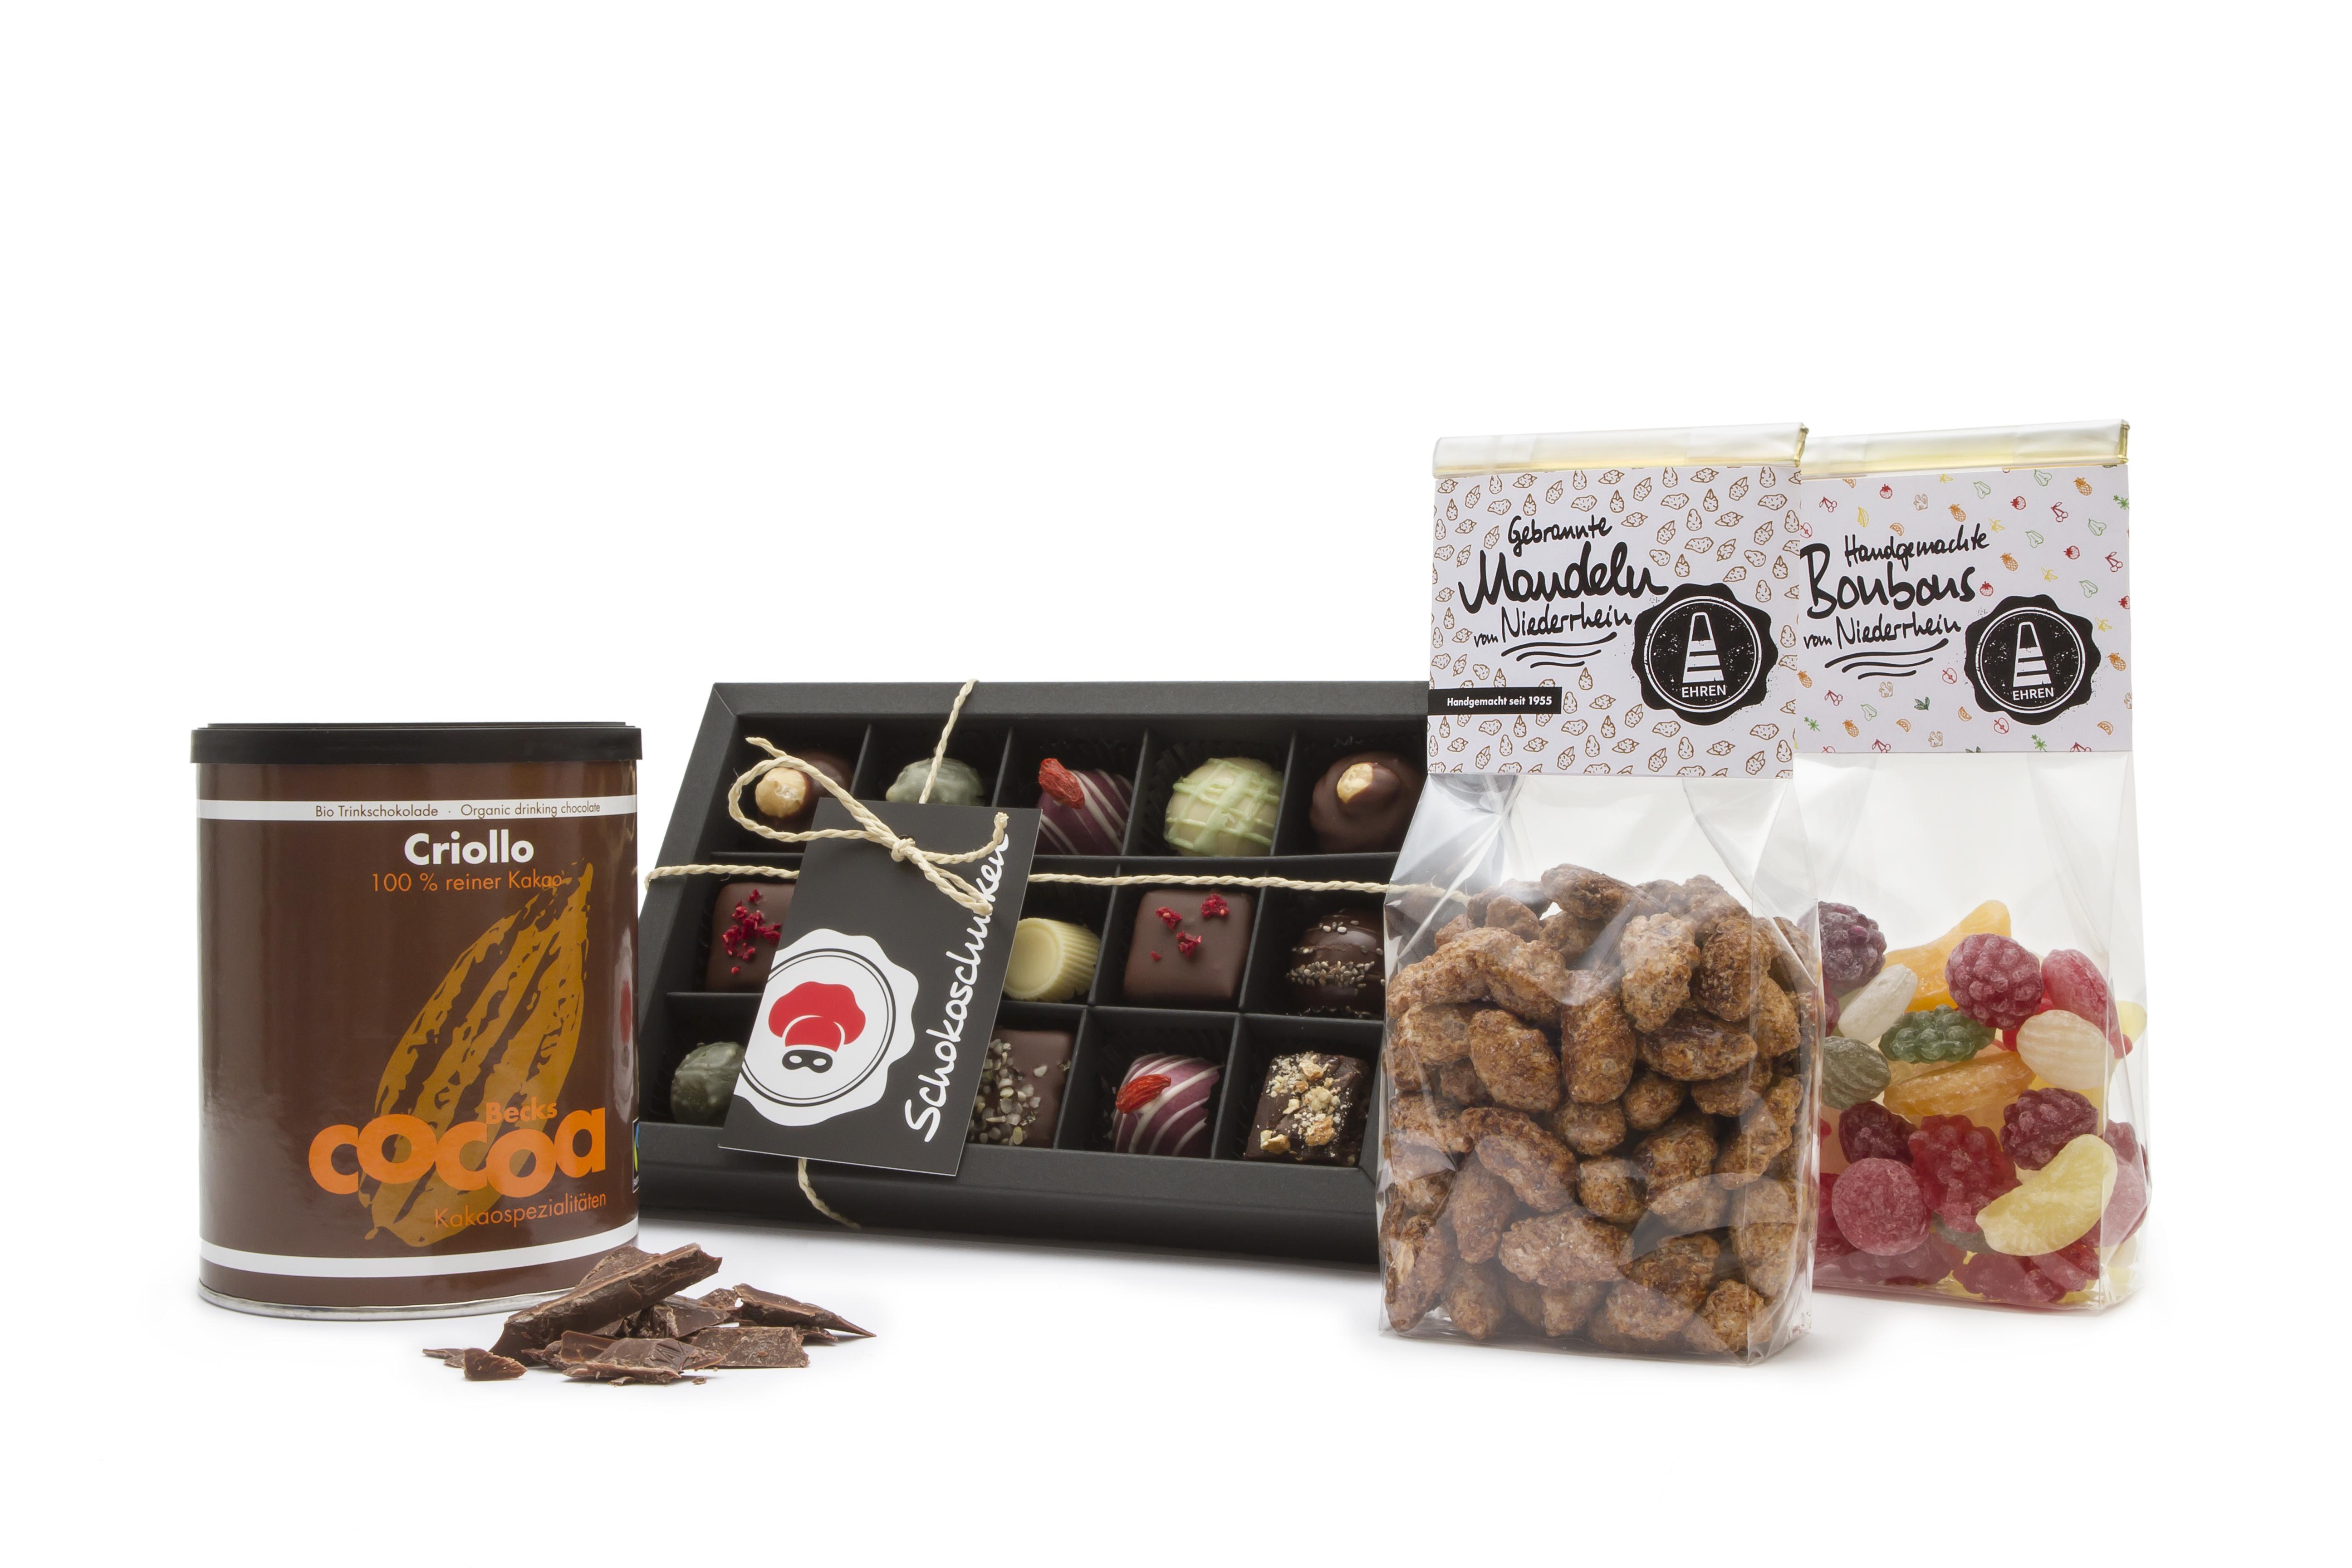 geschenkidee kakaoliebe s igkeiten gebrannte mandeln bonbons online kaufen. Black Bedroom Furniture Sets. Home Design Ideas